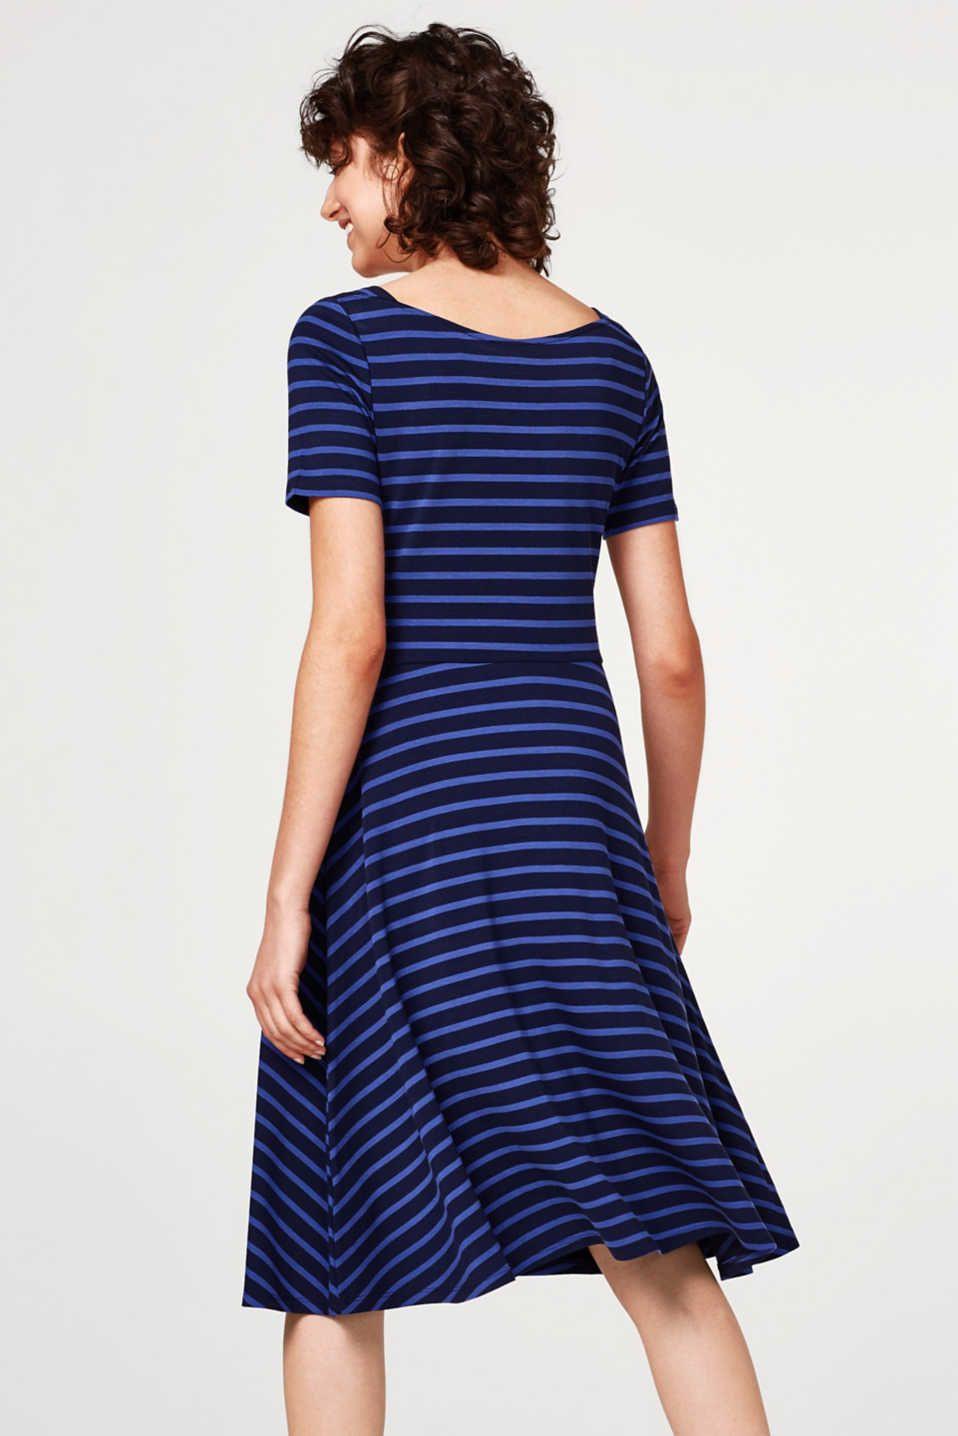 Formal Fantastisch Kleider Online Shopping für 2019 Schön Kleider Online Shopping Design